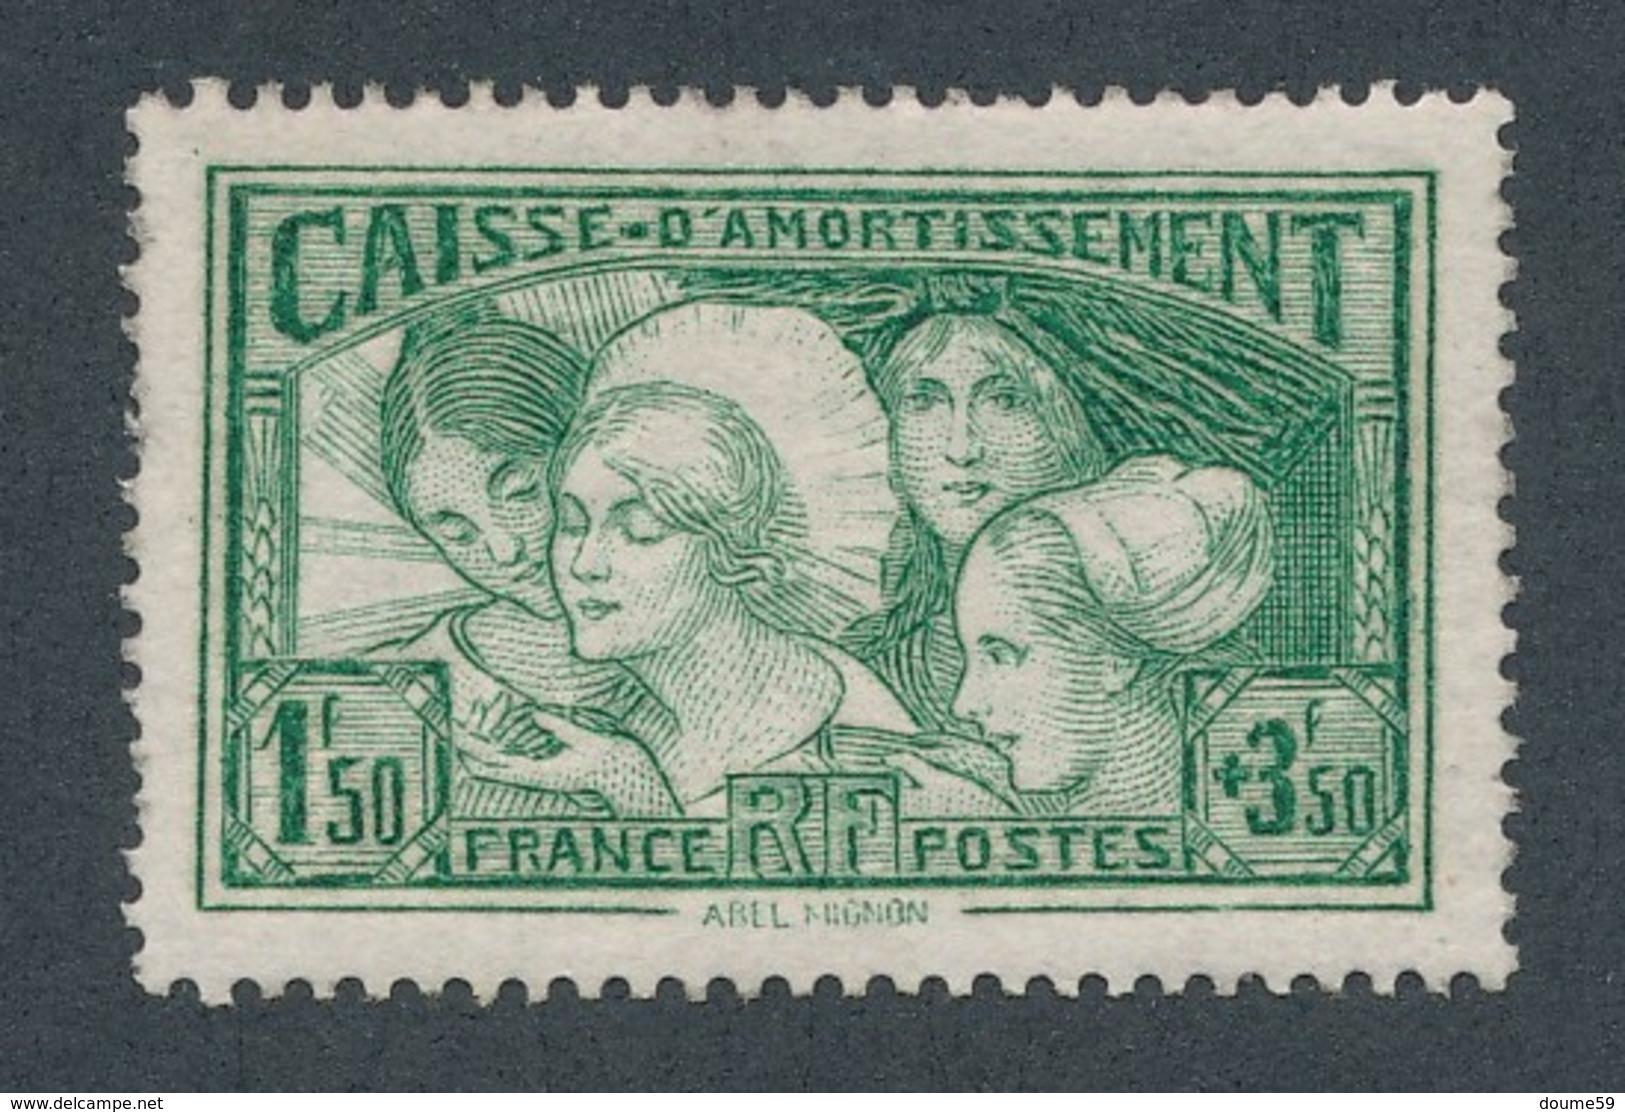 """CF-46: FRANCE: Lot  """"CAISSE D'AMORTISSEMENT"""" Avec N°269*GNO 2ème Choix - France"""